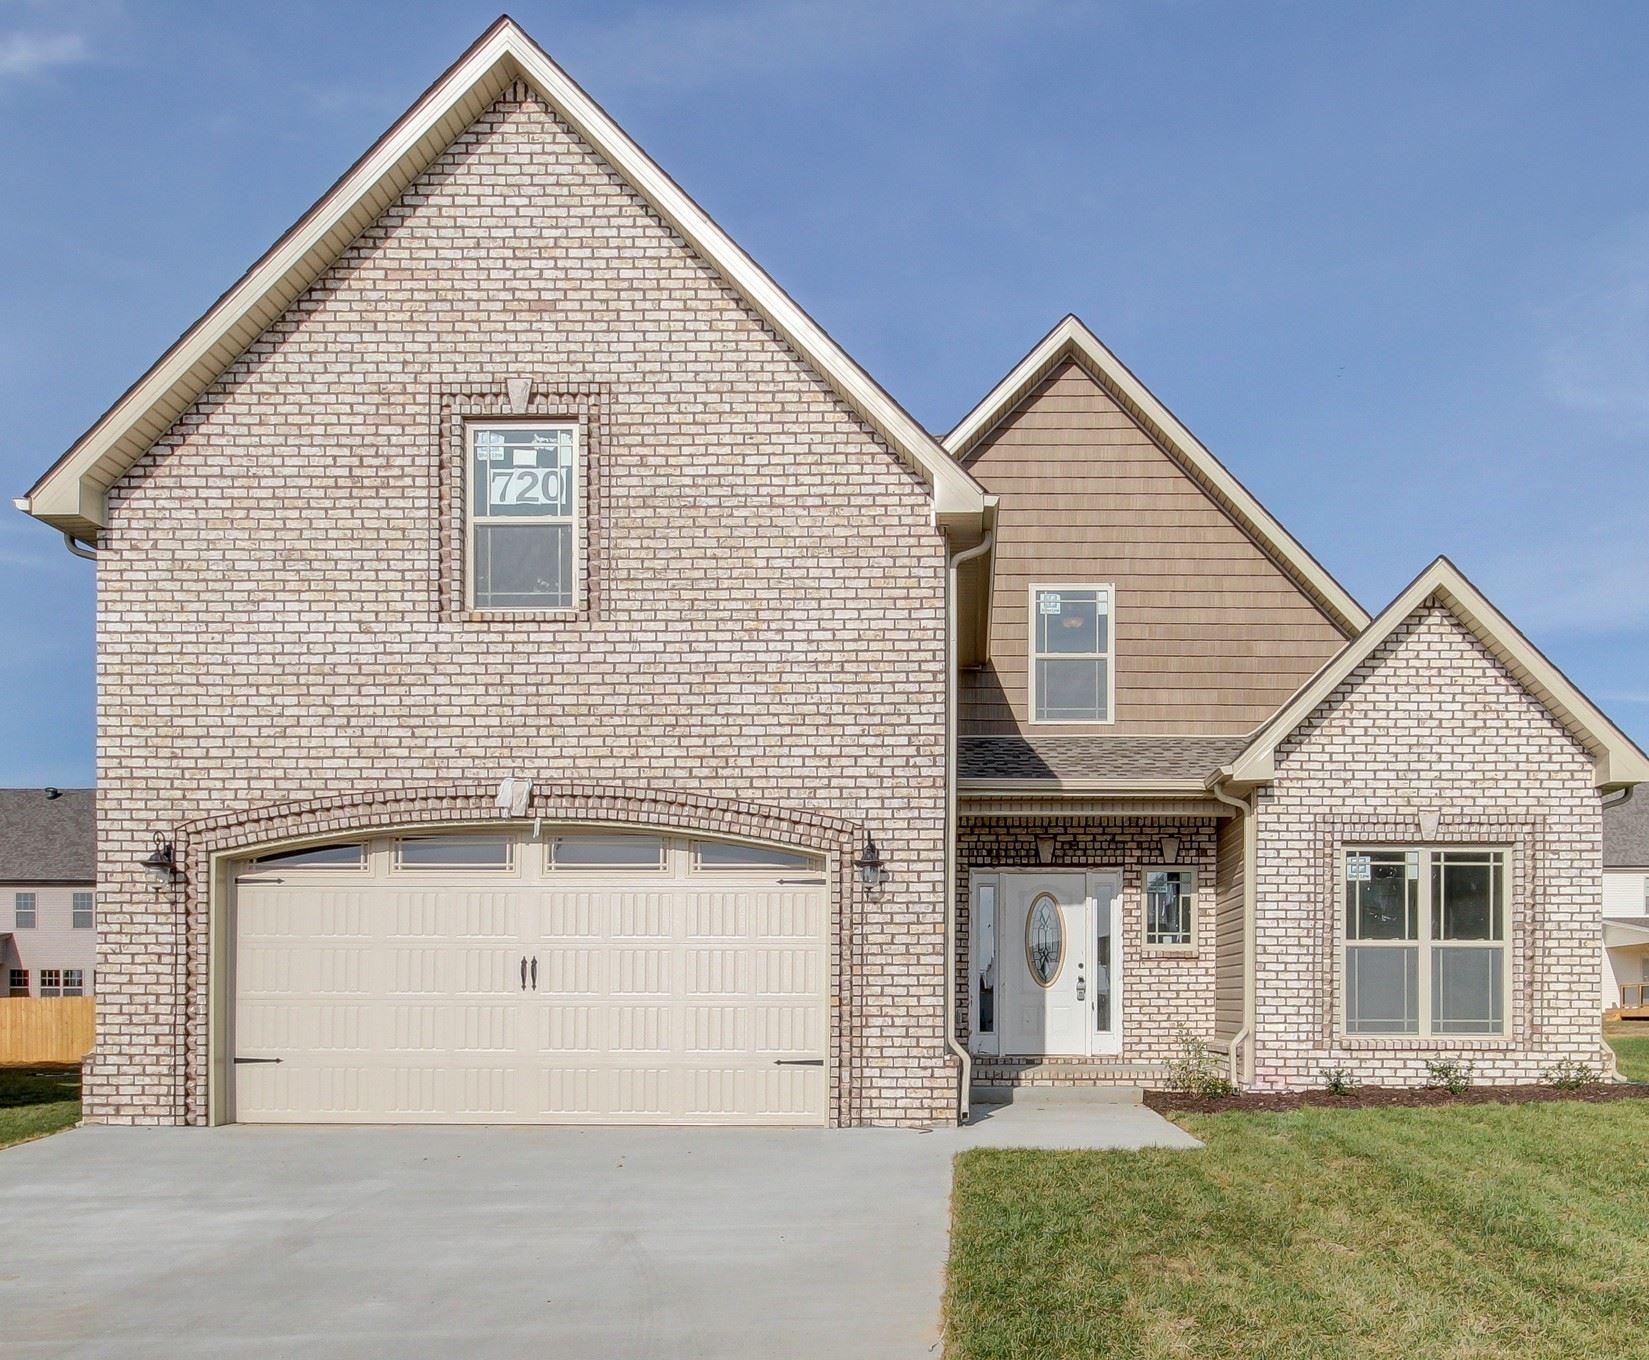 720 Farmington, Clarksville, TN 37043 - MLS#: 2181721